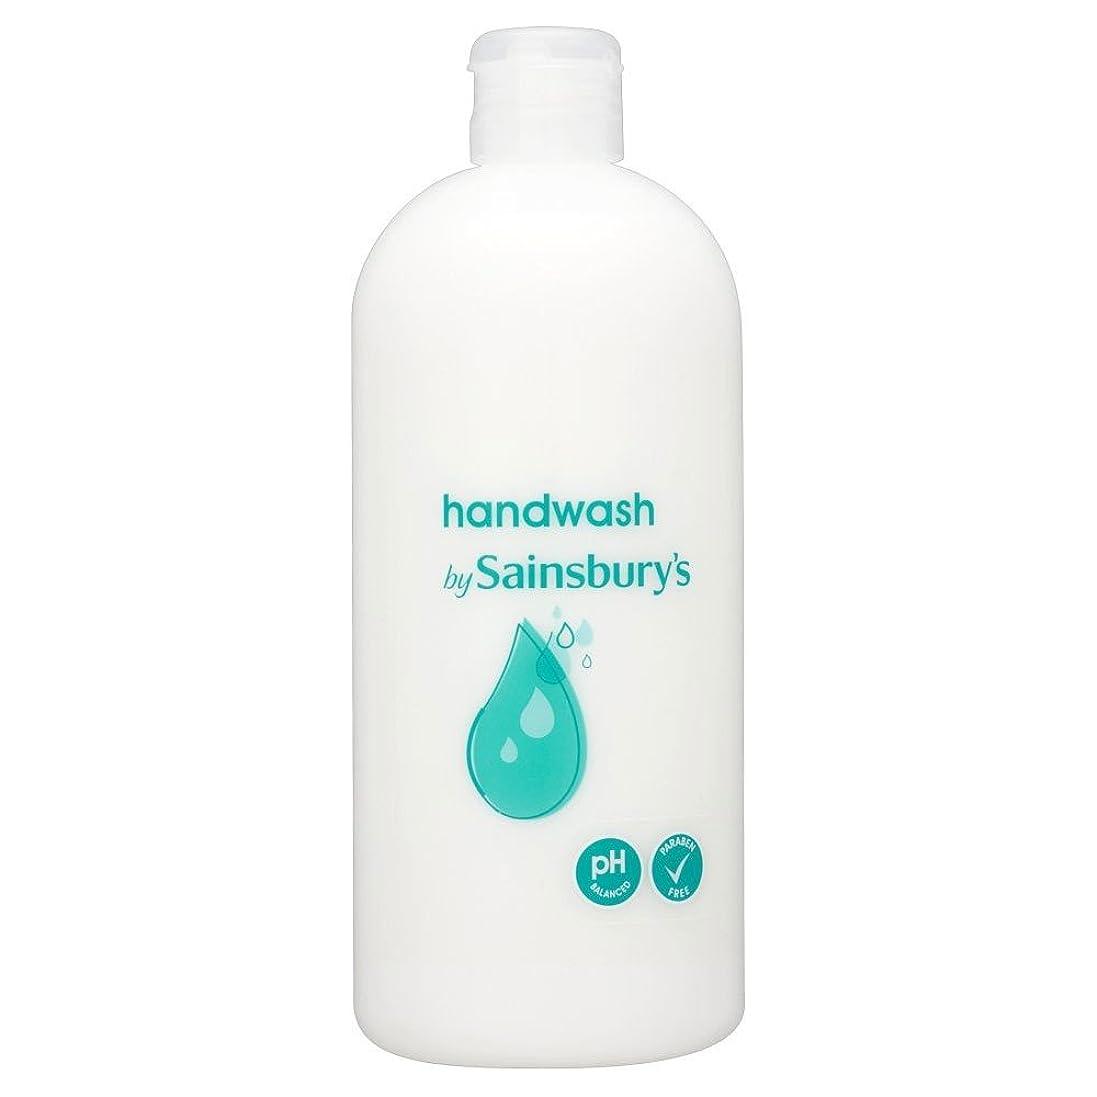 航空わずらわしい交渉するSainsbury's Handwash, White Refill 500ml - (Sainsbury's) 手洗い、白リフィル500ミリリットル [並行輸入品]